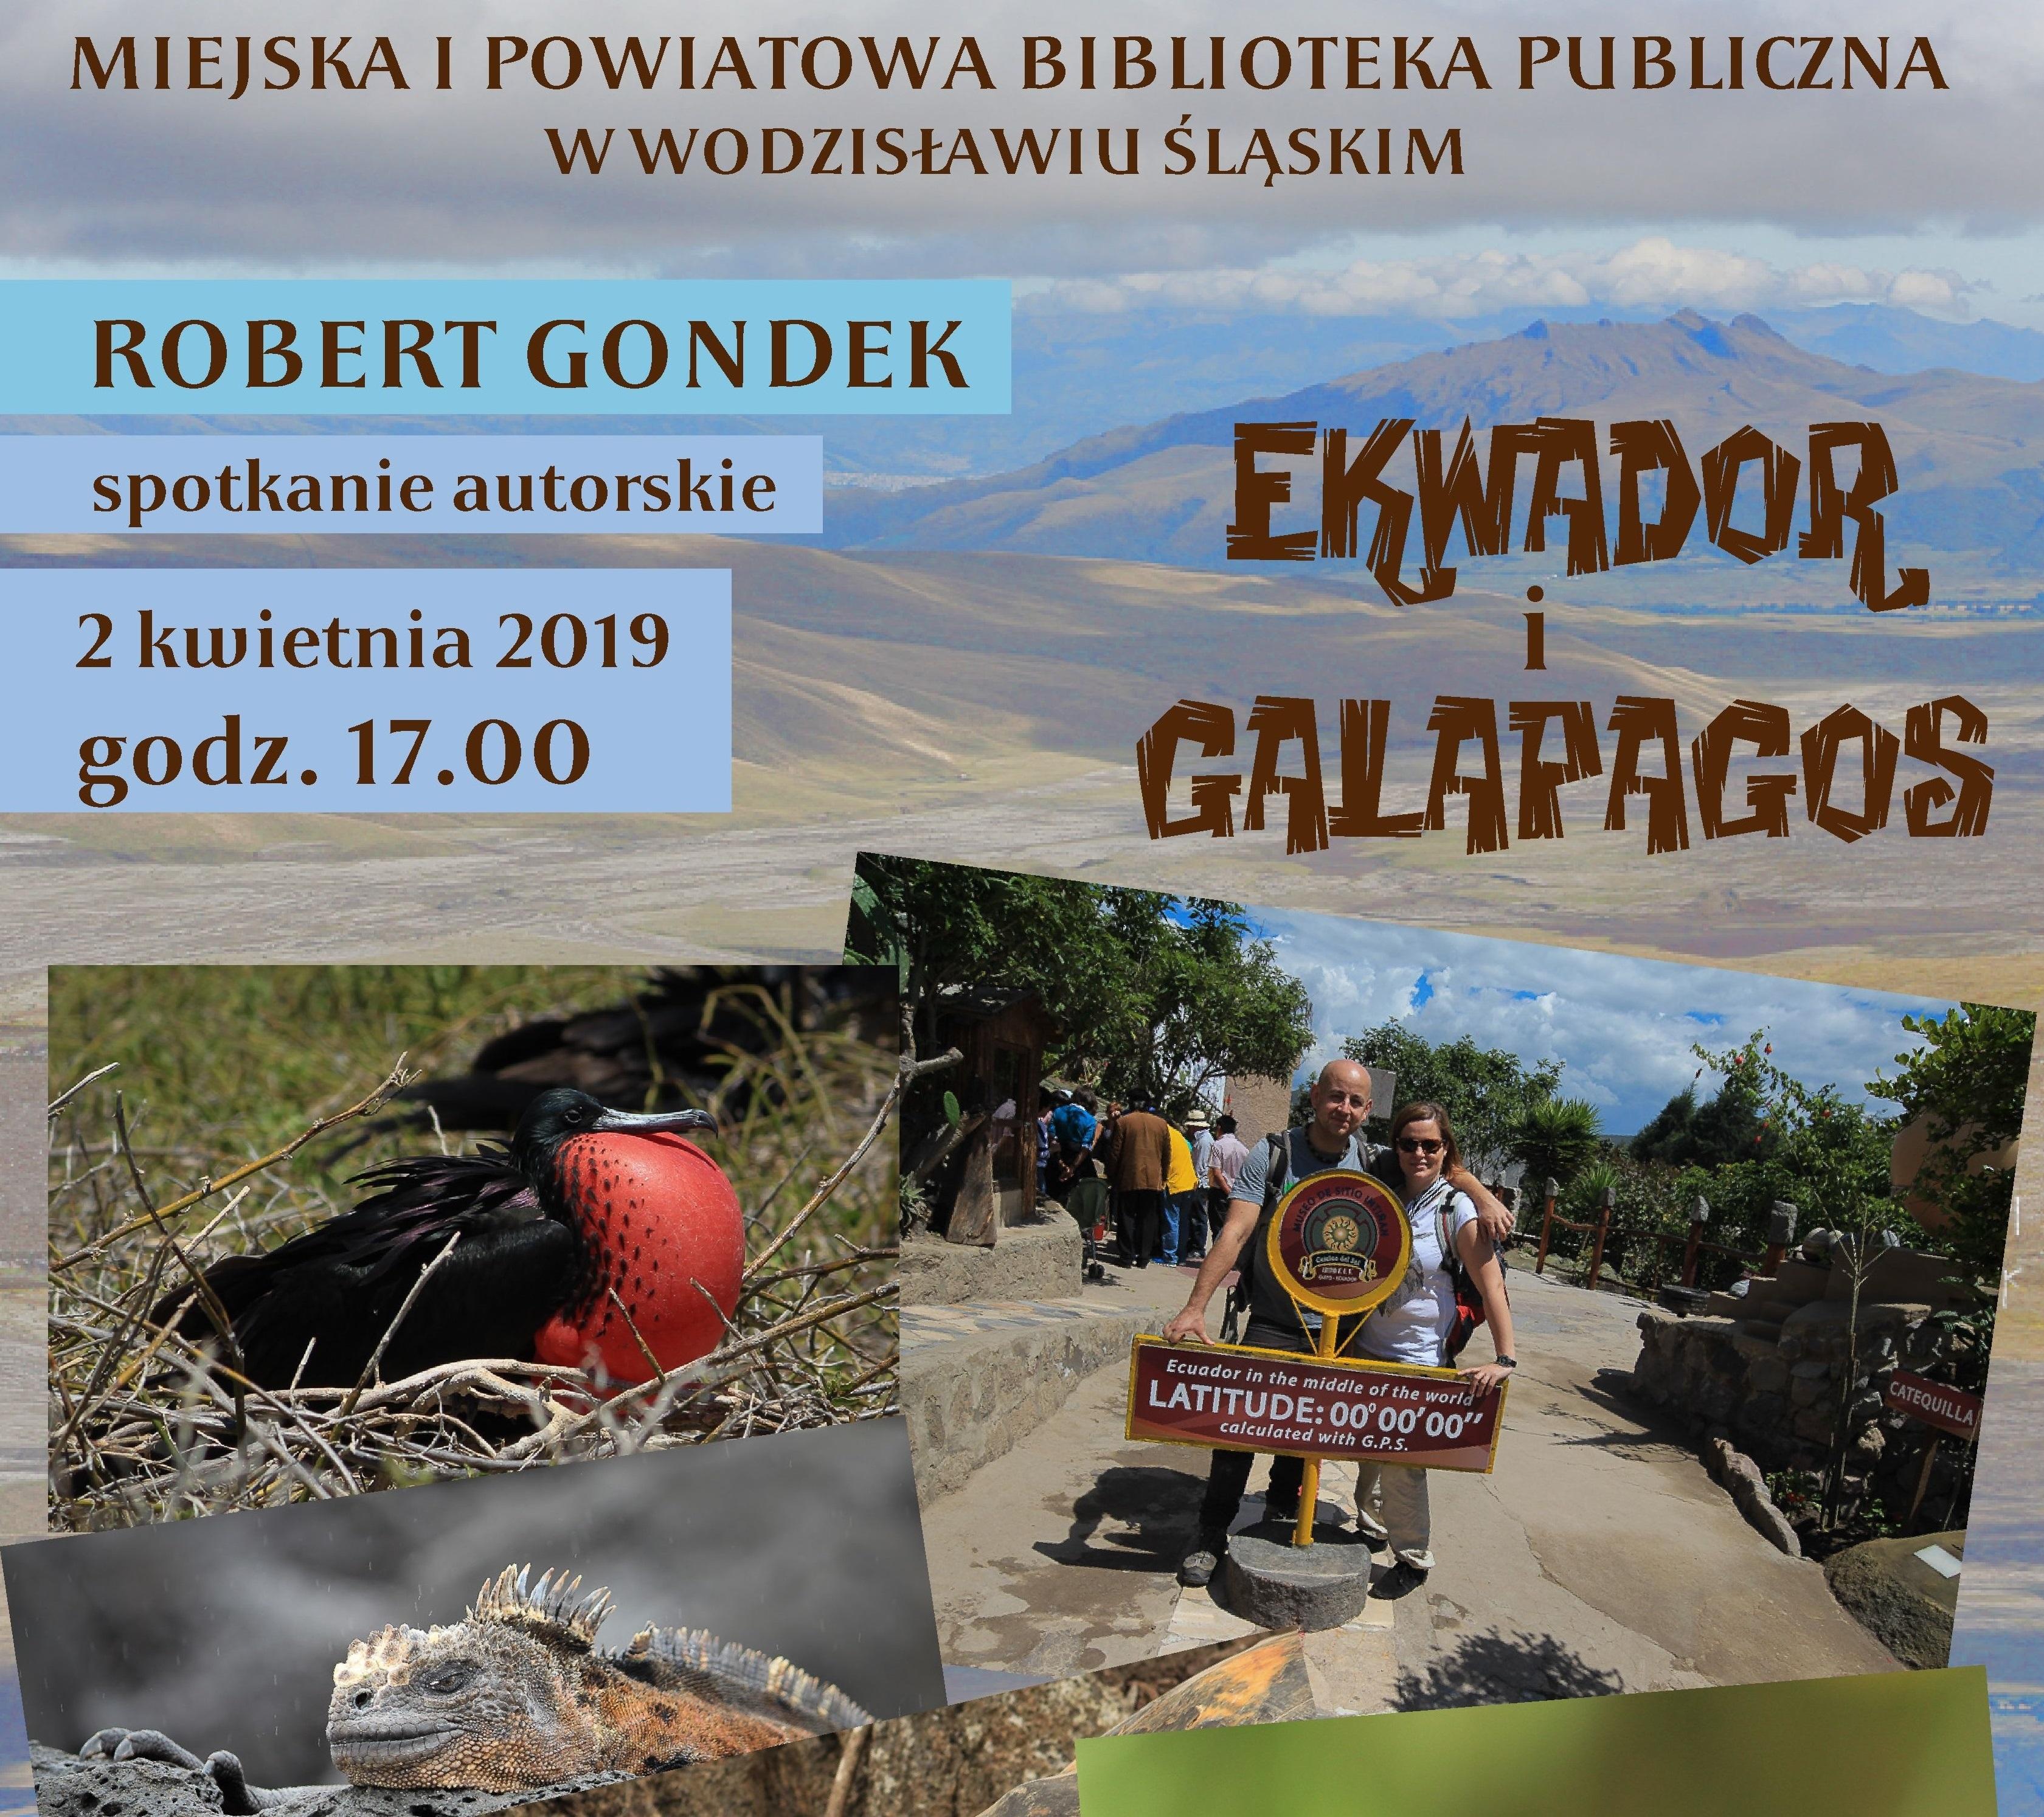 SPOTKANIE AUTORSKIE Z ROBERTEM GONDKIEM – 2 Kwietnia 2019 – Godz 17.00